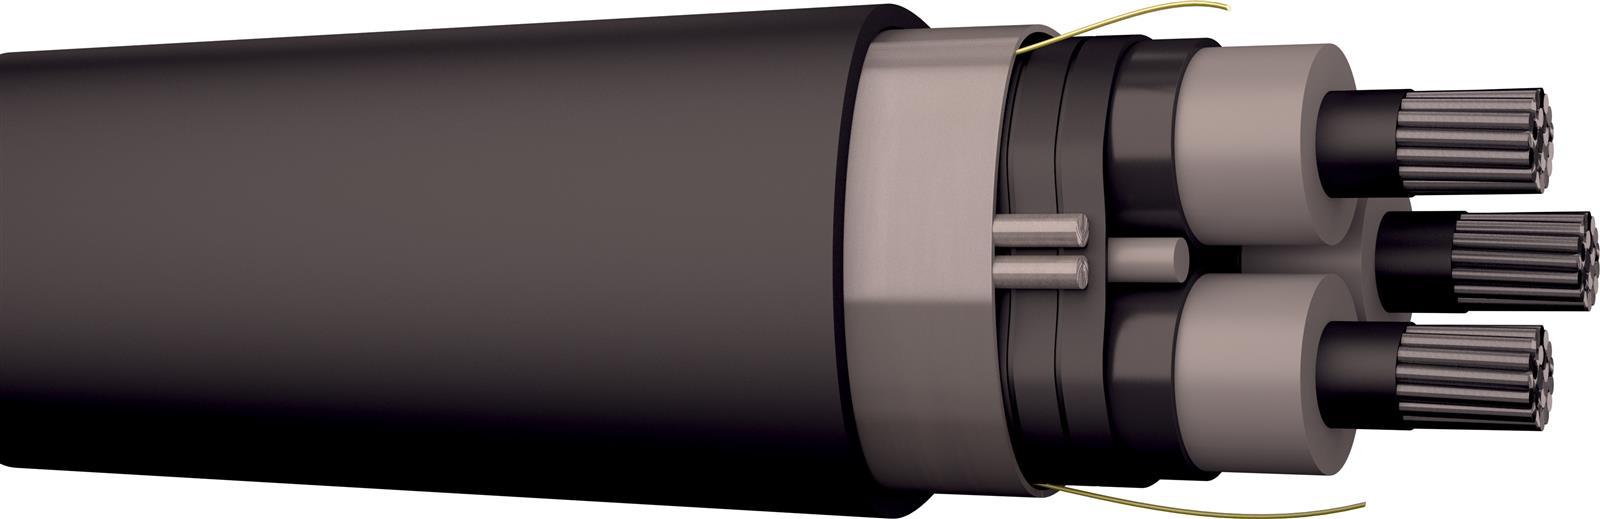 AXCLJ-TT 3X300/35 36KV